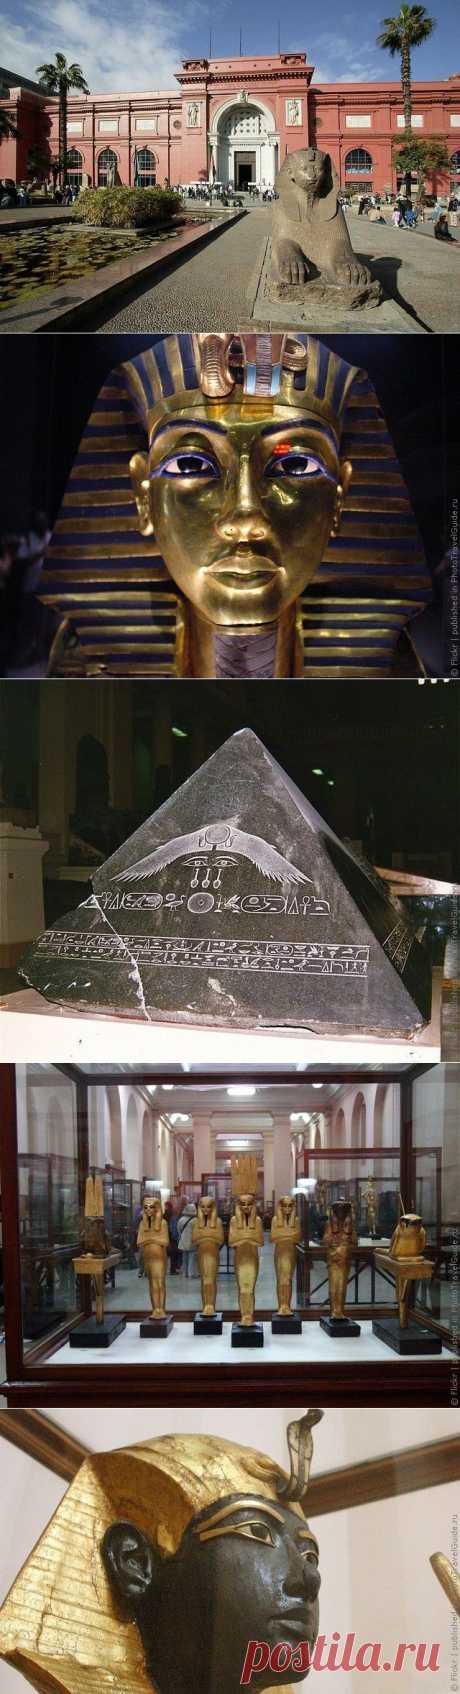 Египетский музей в Каире, фото и экспонаты музея в Каире